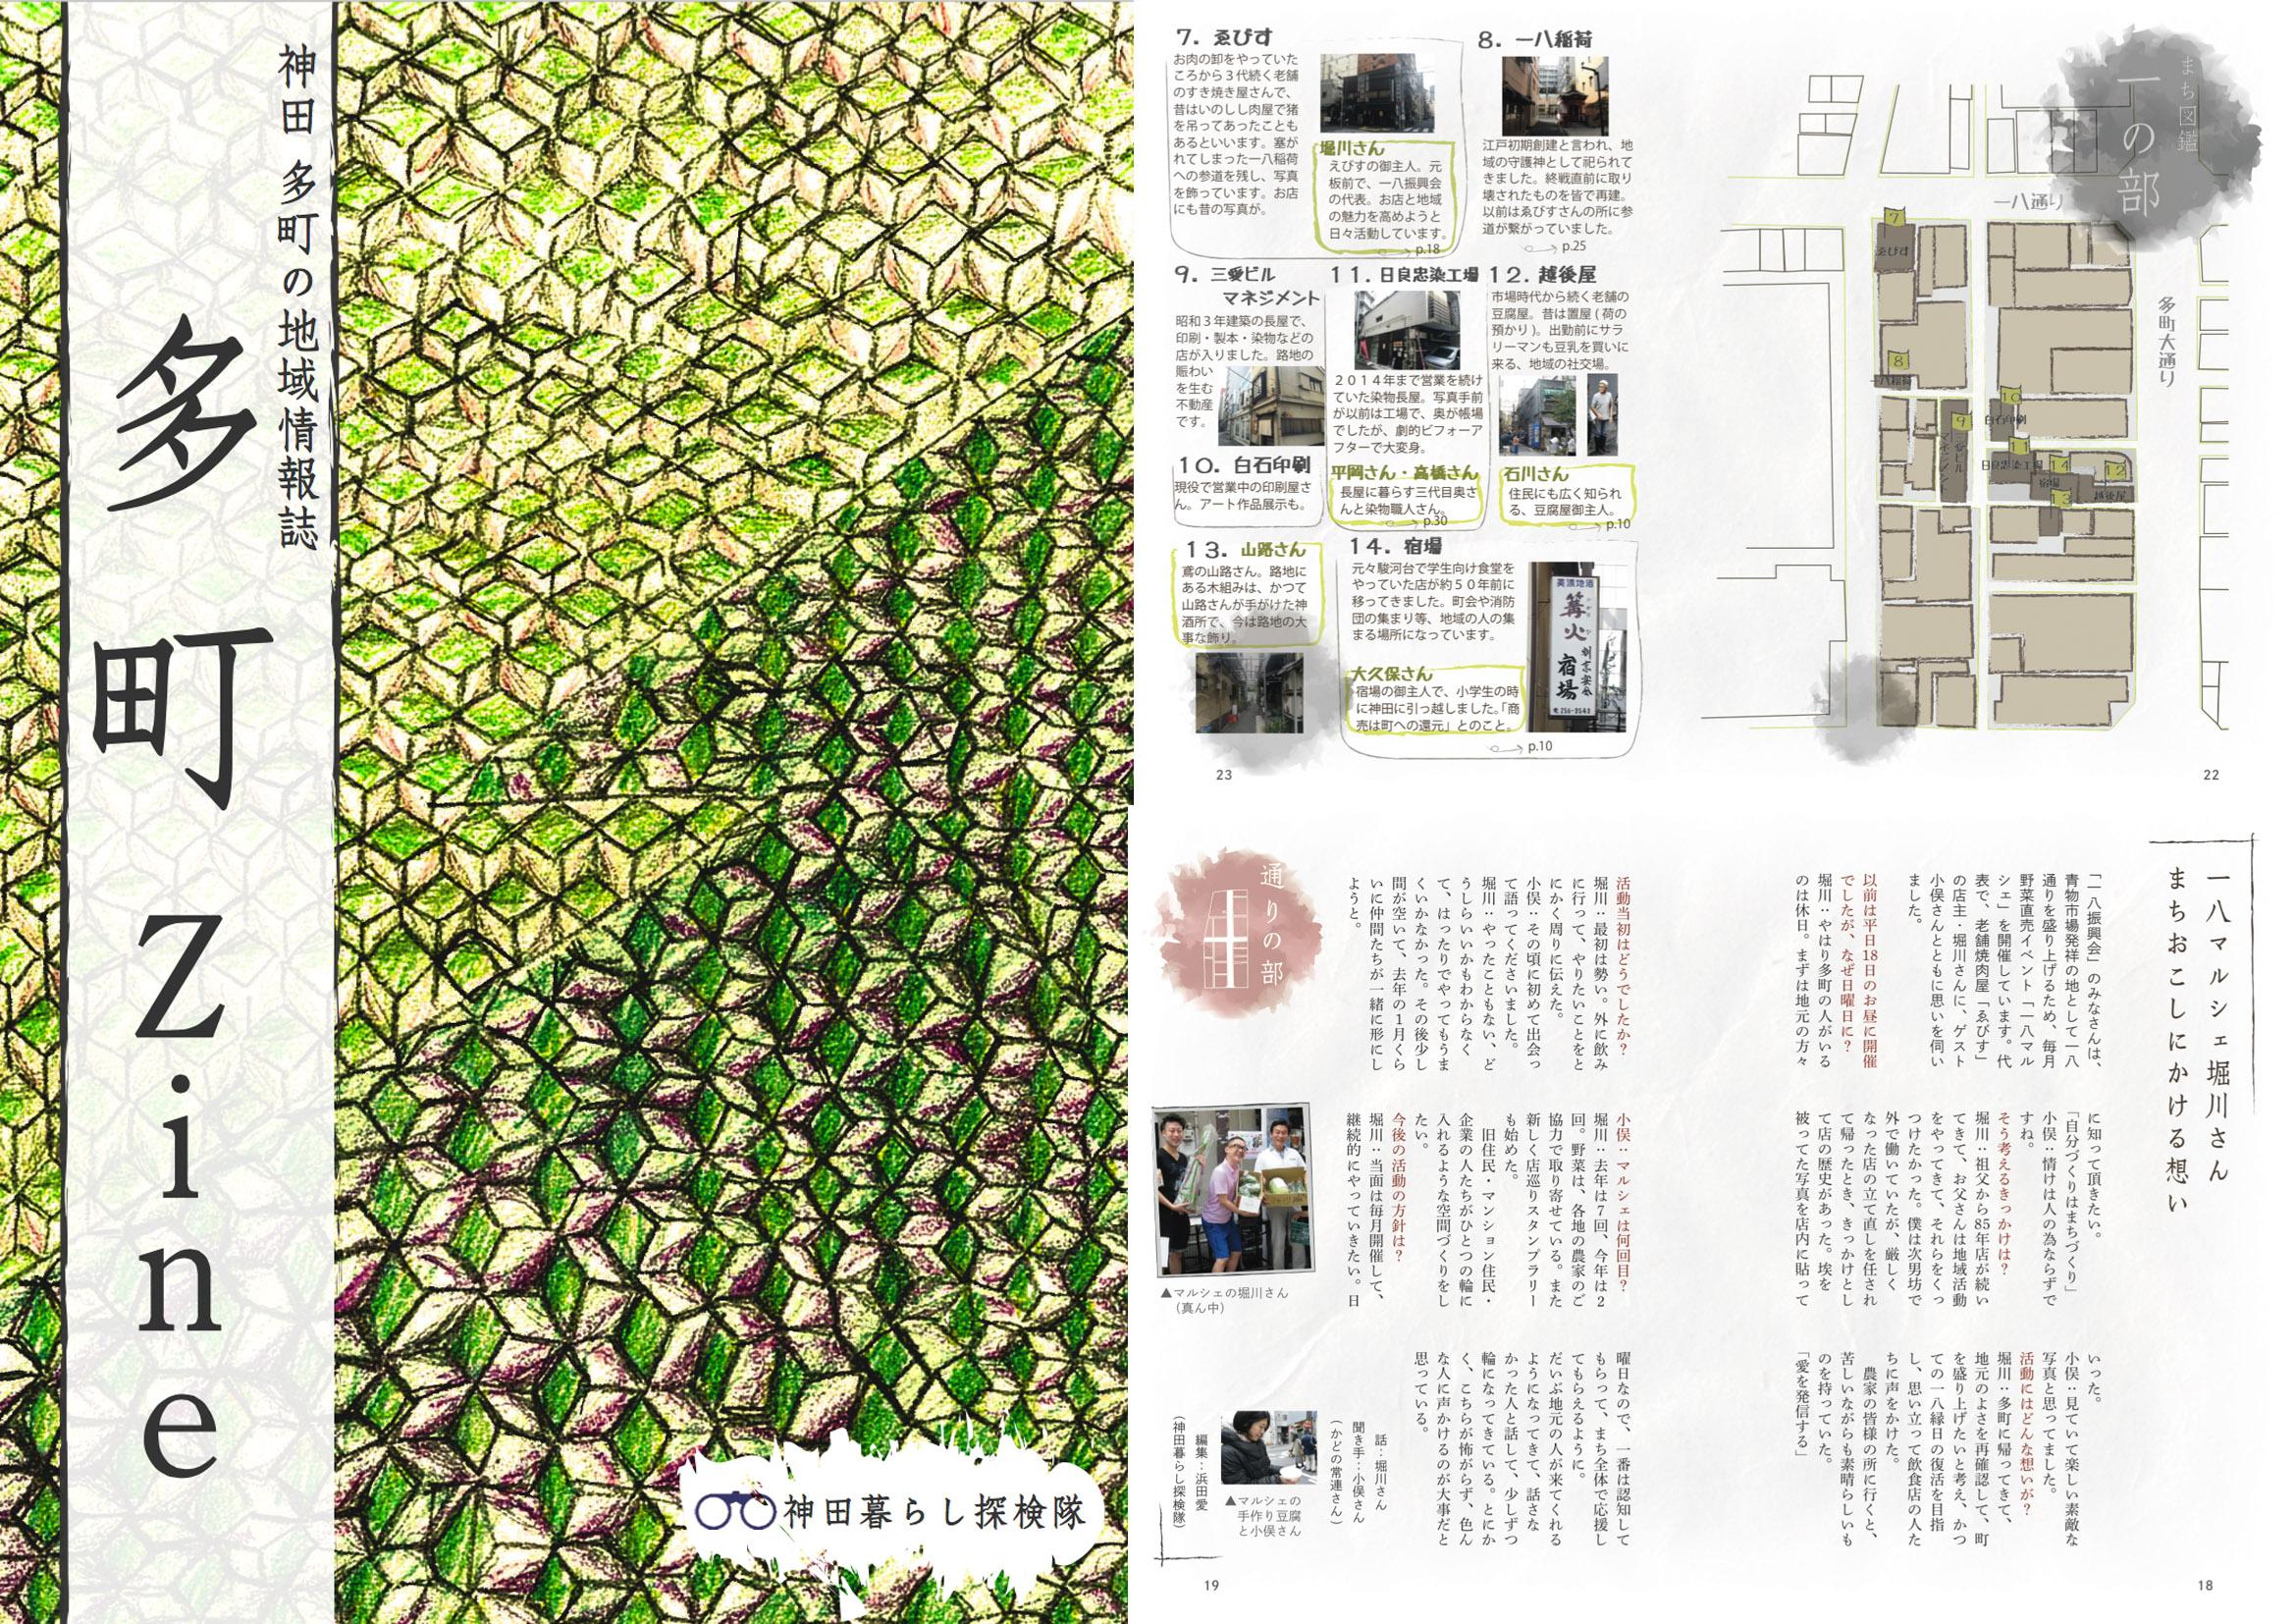 http://ud.t.u-tokyo.ac.jp/blog/_images/zine%E3%81%BE%E3%81%A8%E3%82%81%E7%94%BB%E5%83%8F.jpg